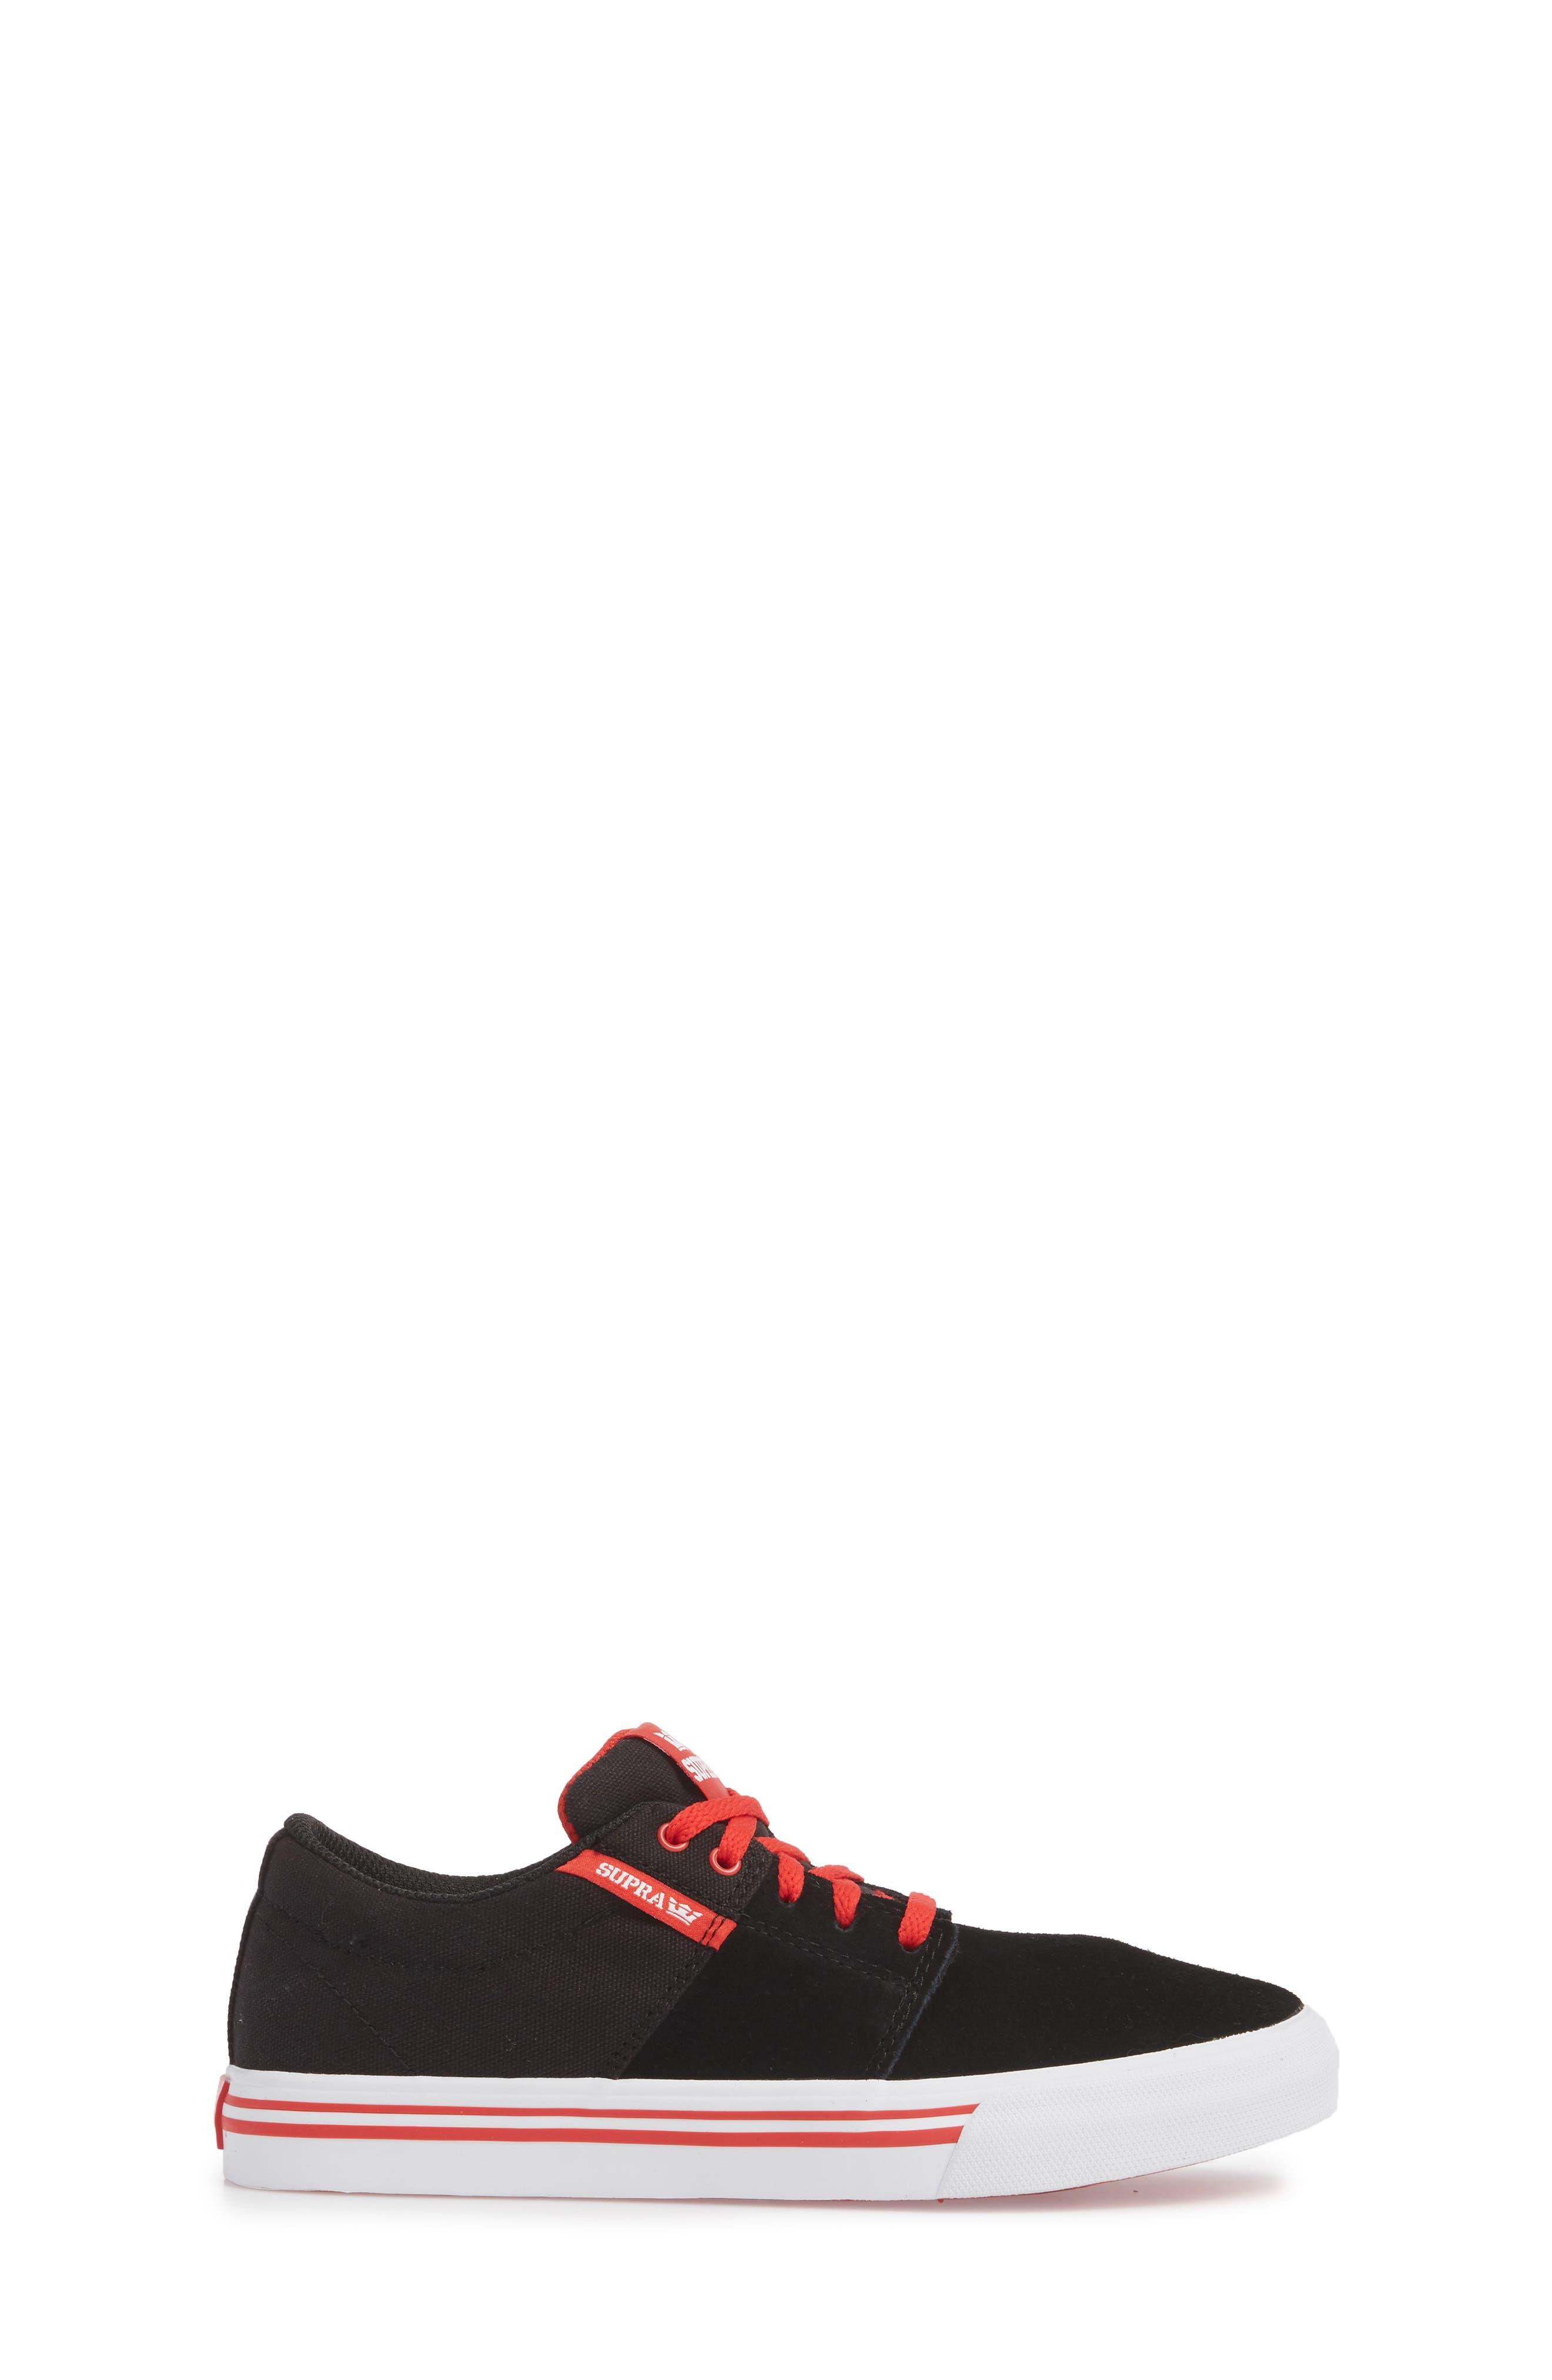 'Stacks Vulc II' Low Top Sneaker,                             Alternate thumbnail 3, color,                             002